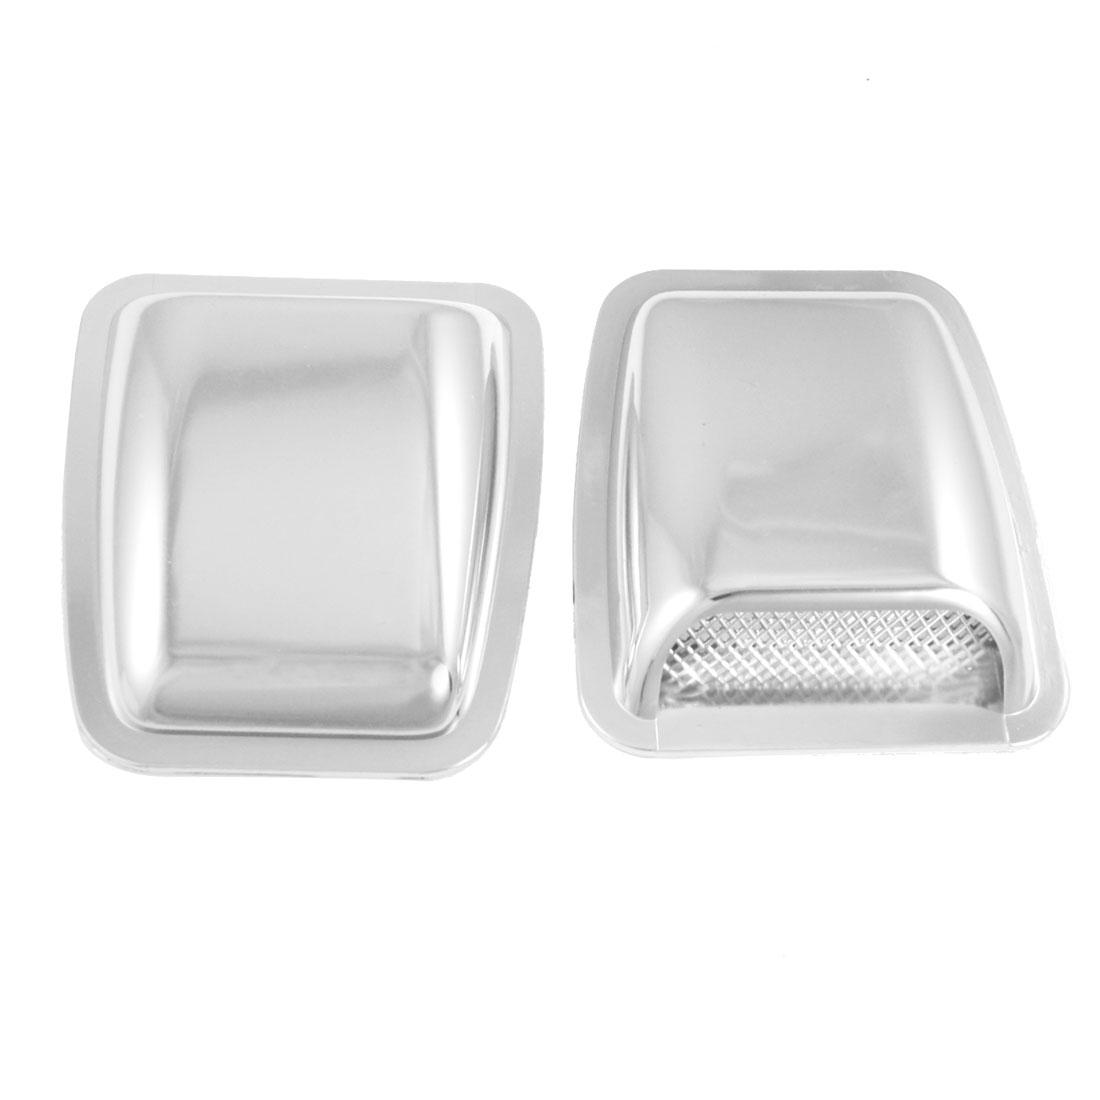 2 Pcs Auto Car Air Flow Vent Plastic Hood Scoop Decoration Silver Tone